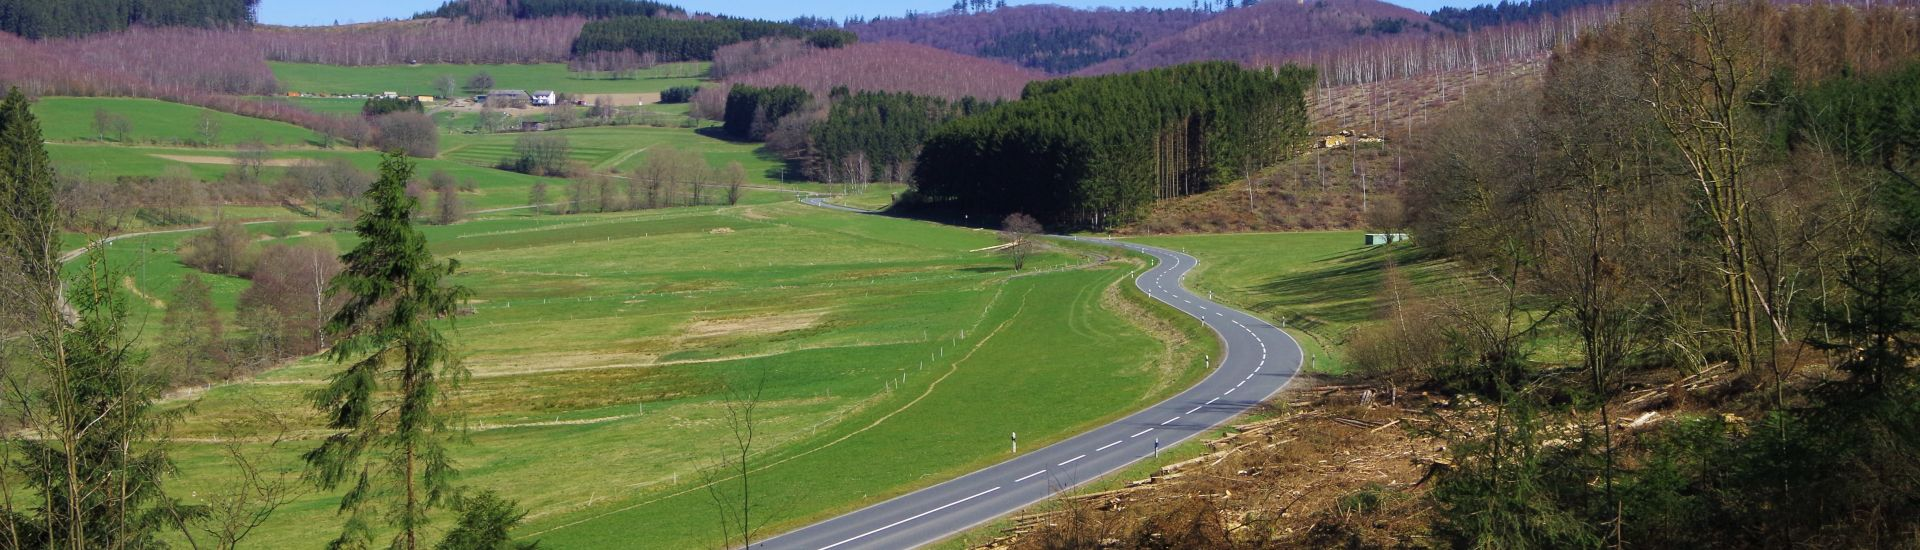 Das Bild zeigt eine Straße in der Natur.